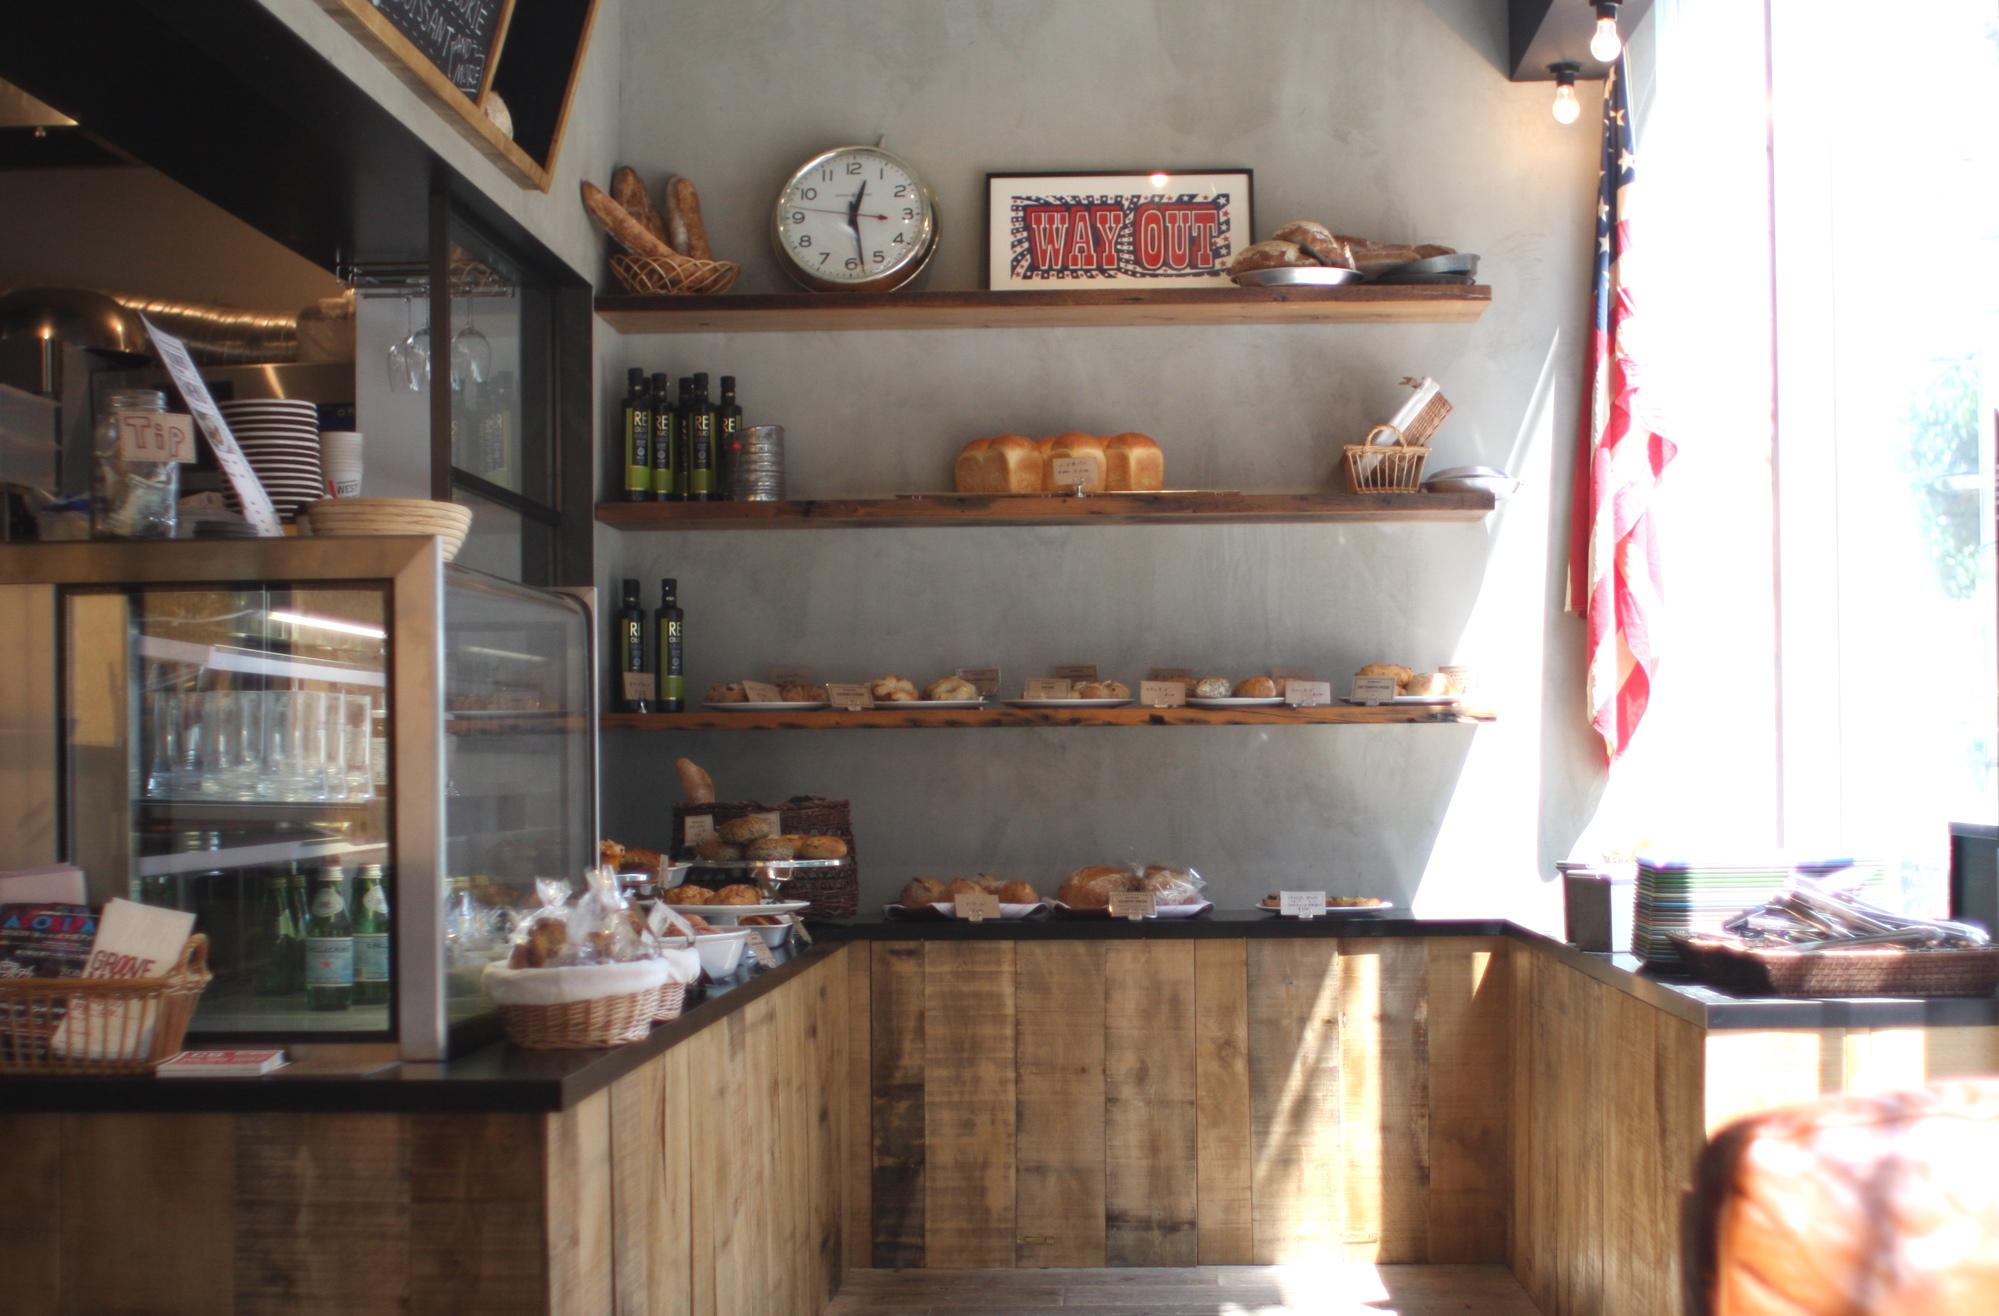 osaka_westwood_bakers